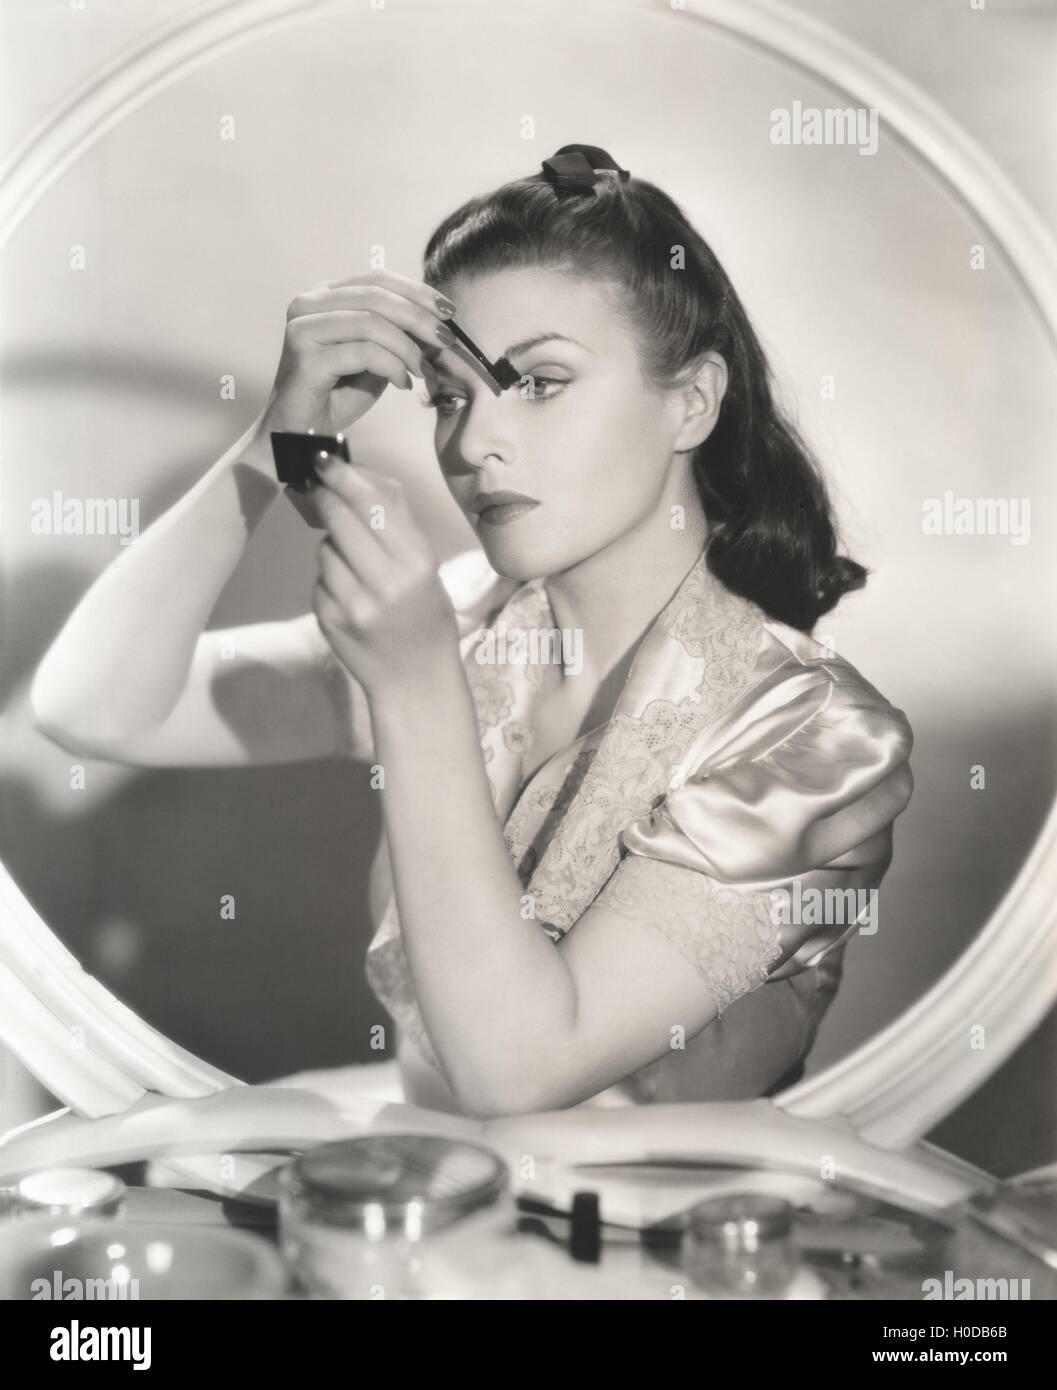 Reflexion Der Frau Im Spiegel Auge Schminken Stockfoto Bild